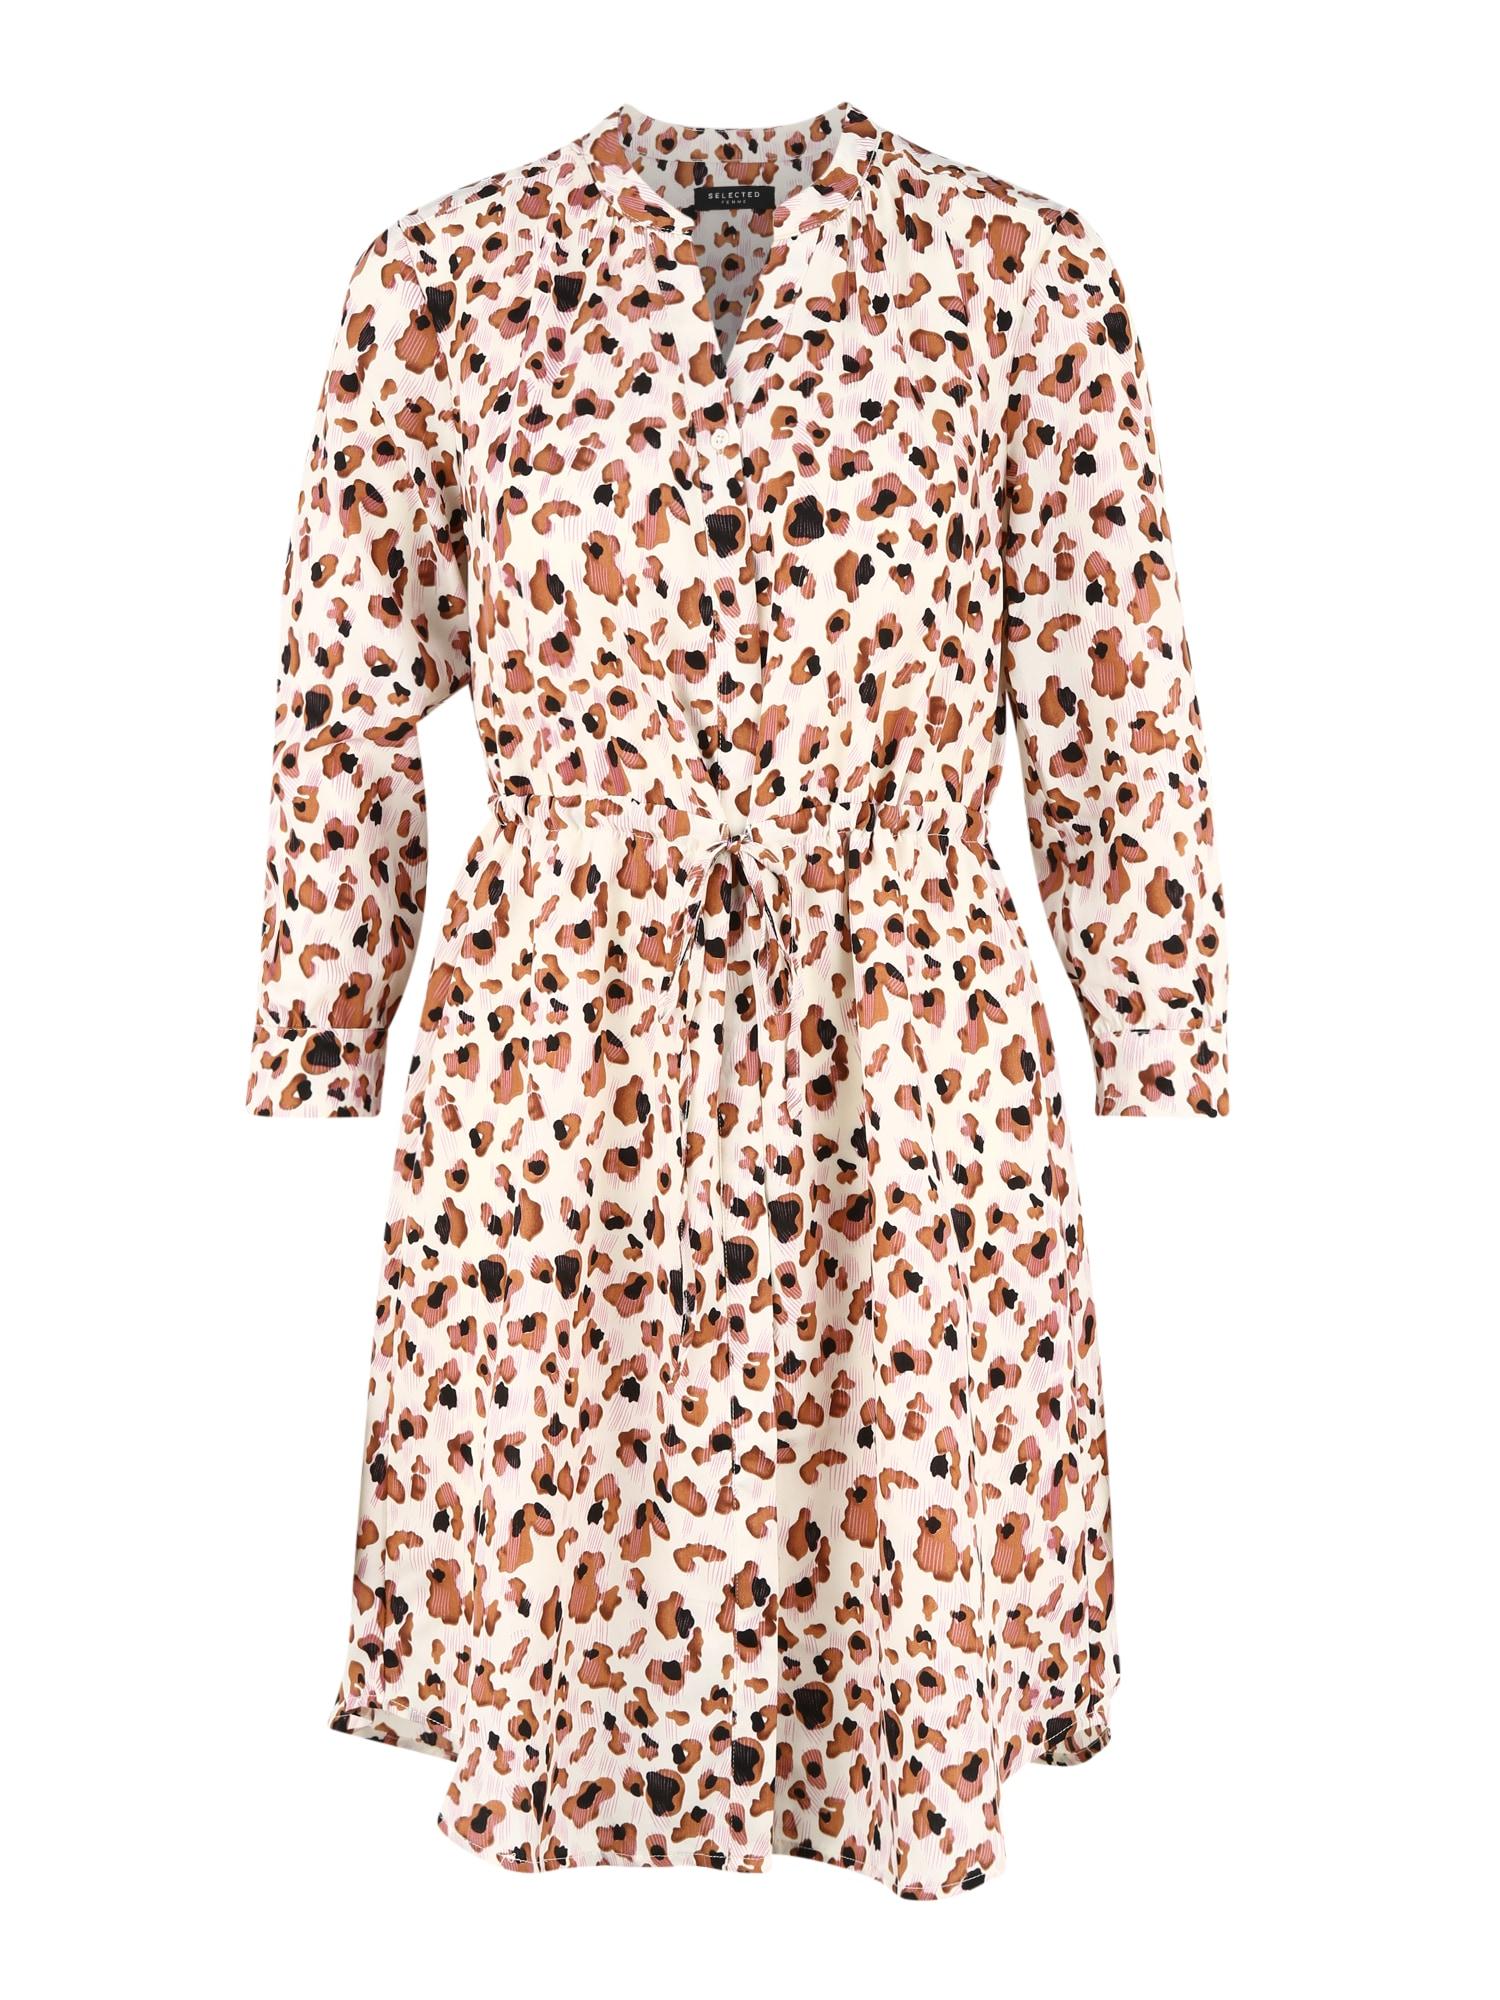 SELECTED FEMME Košilové šaty  hnědá / bílá / černá / růžová